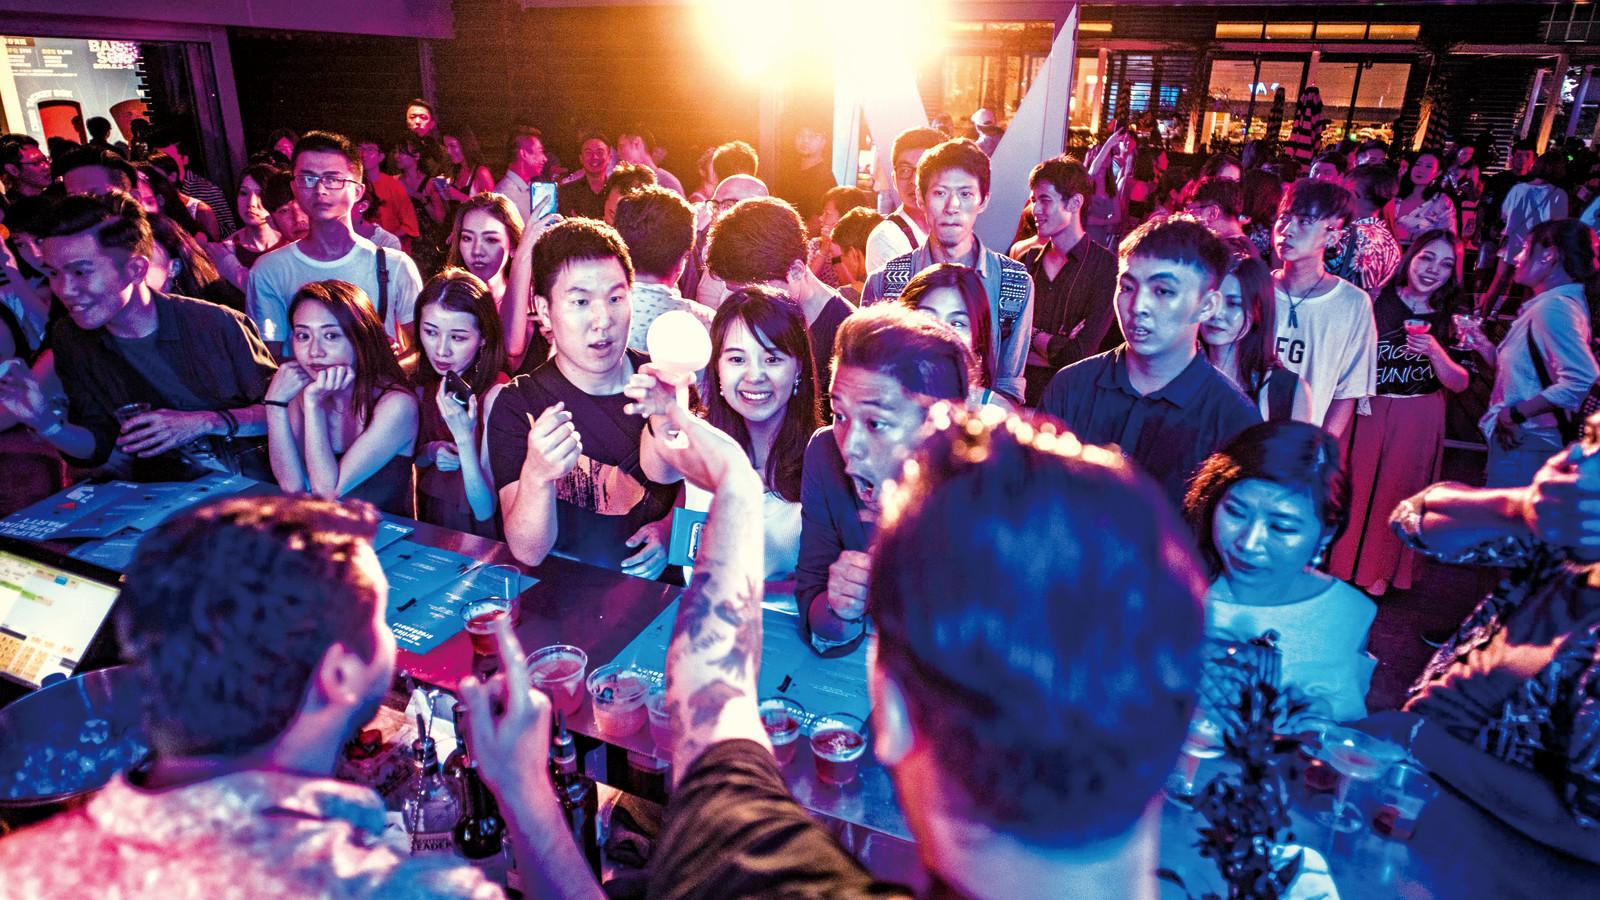 Luanch party bar scene - giles.heasman(何家樂) - Taiwan - GQ BarSurfing